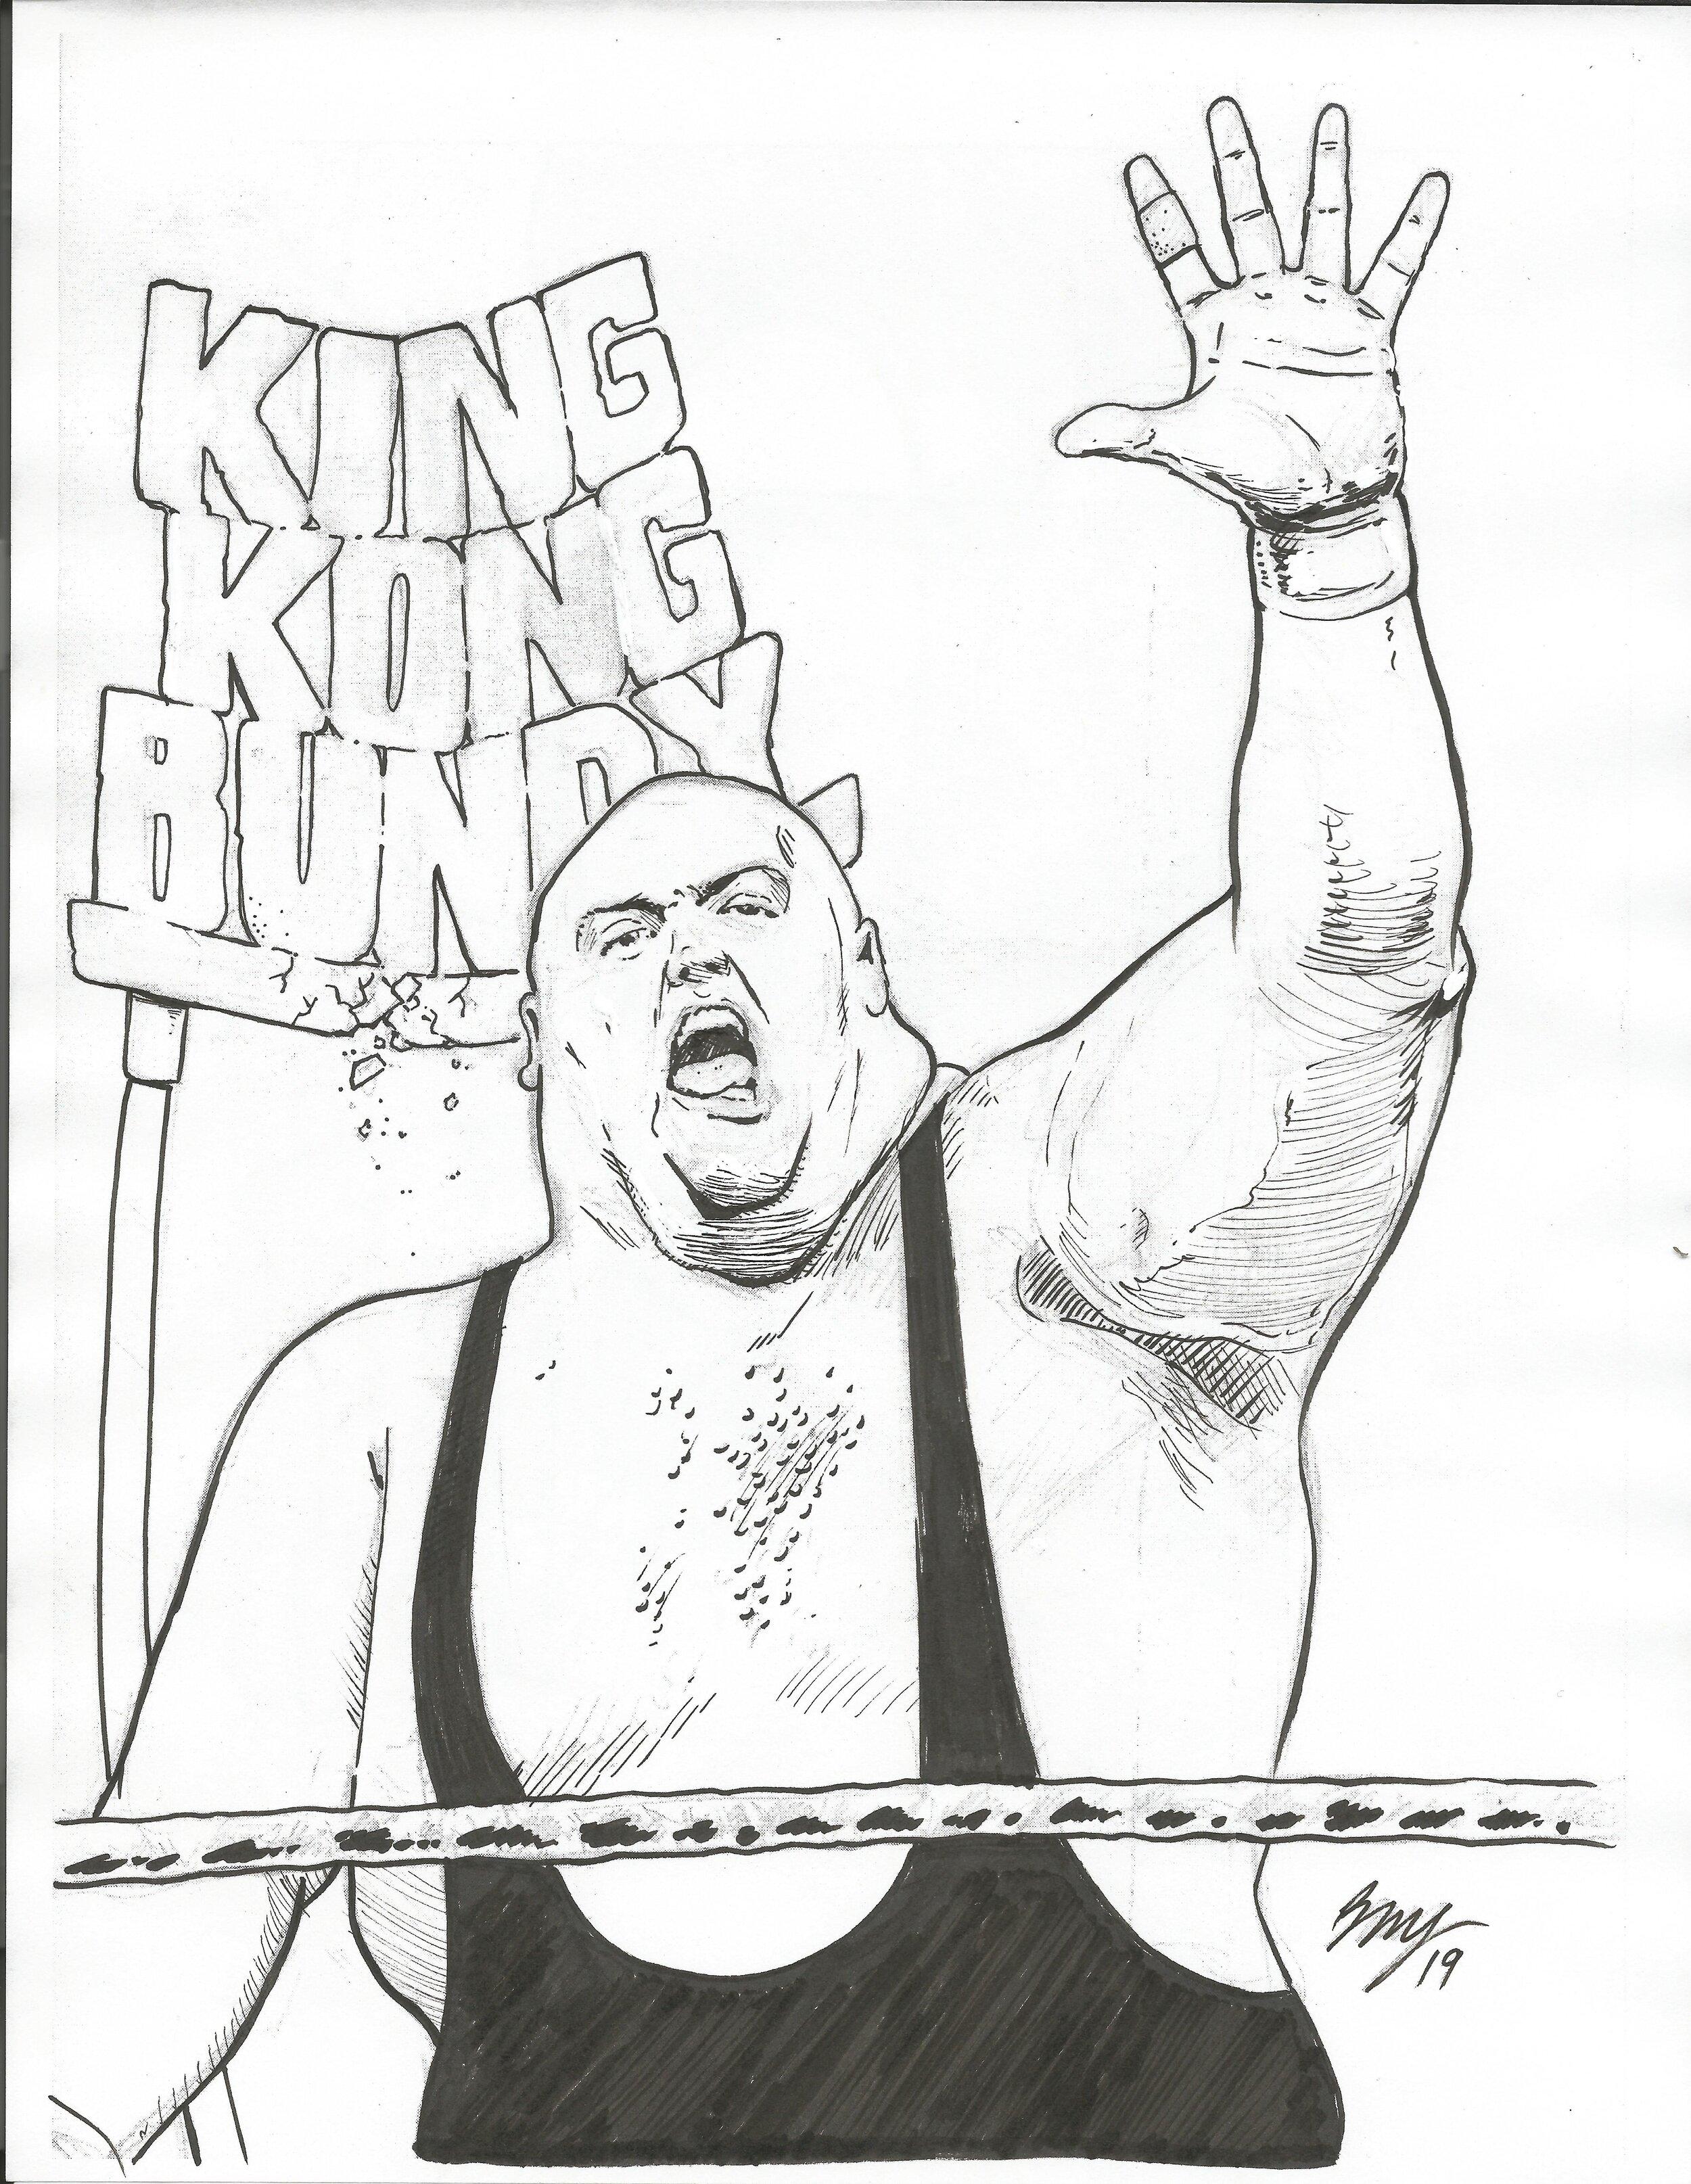 KingKongBundy_WWE_Inks_10_6_19.jpg